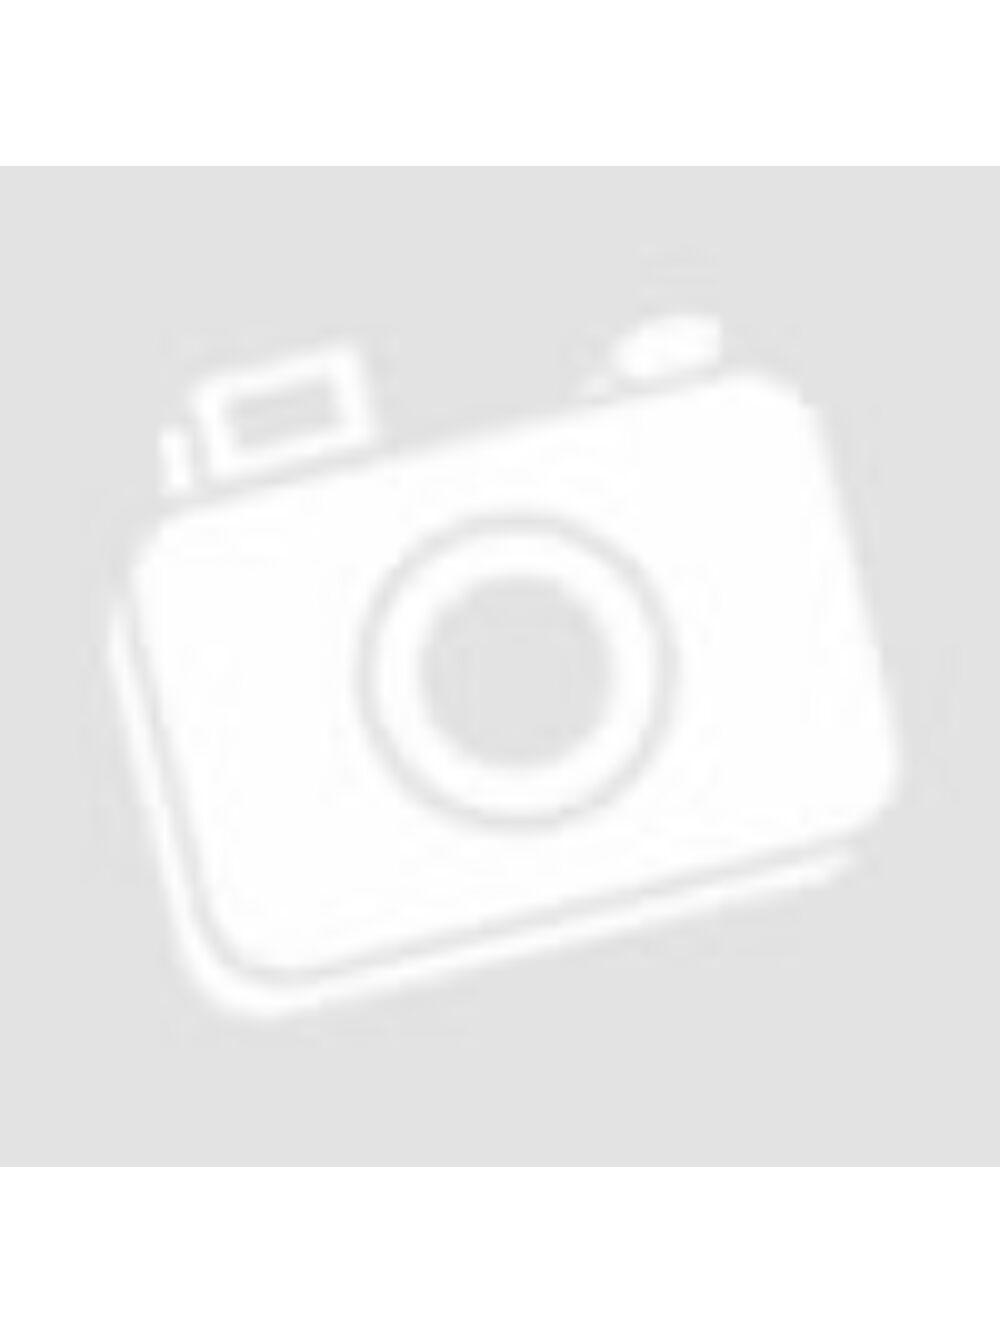 Gyöngy pasztel 25mm - Rózsaszín